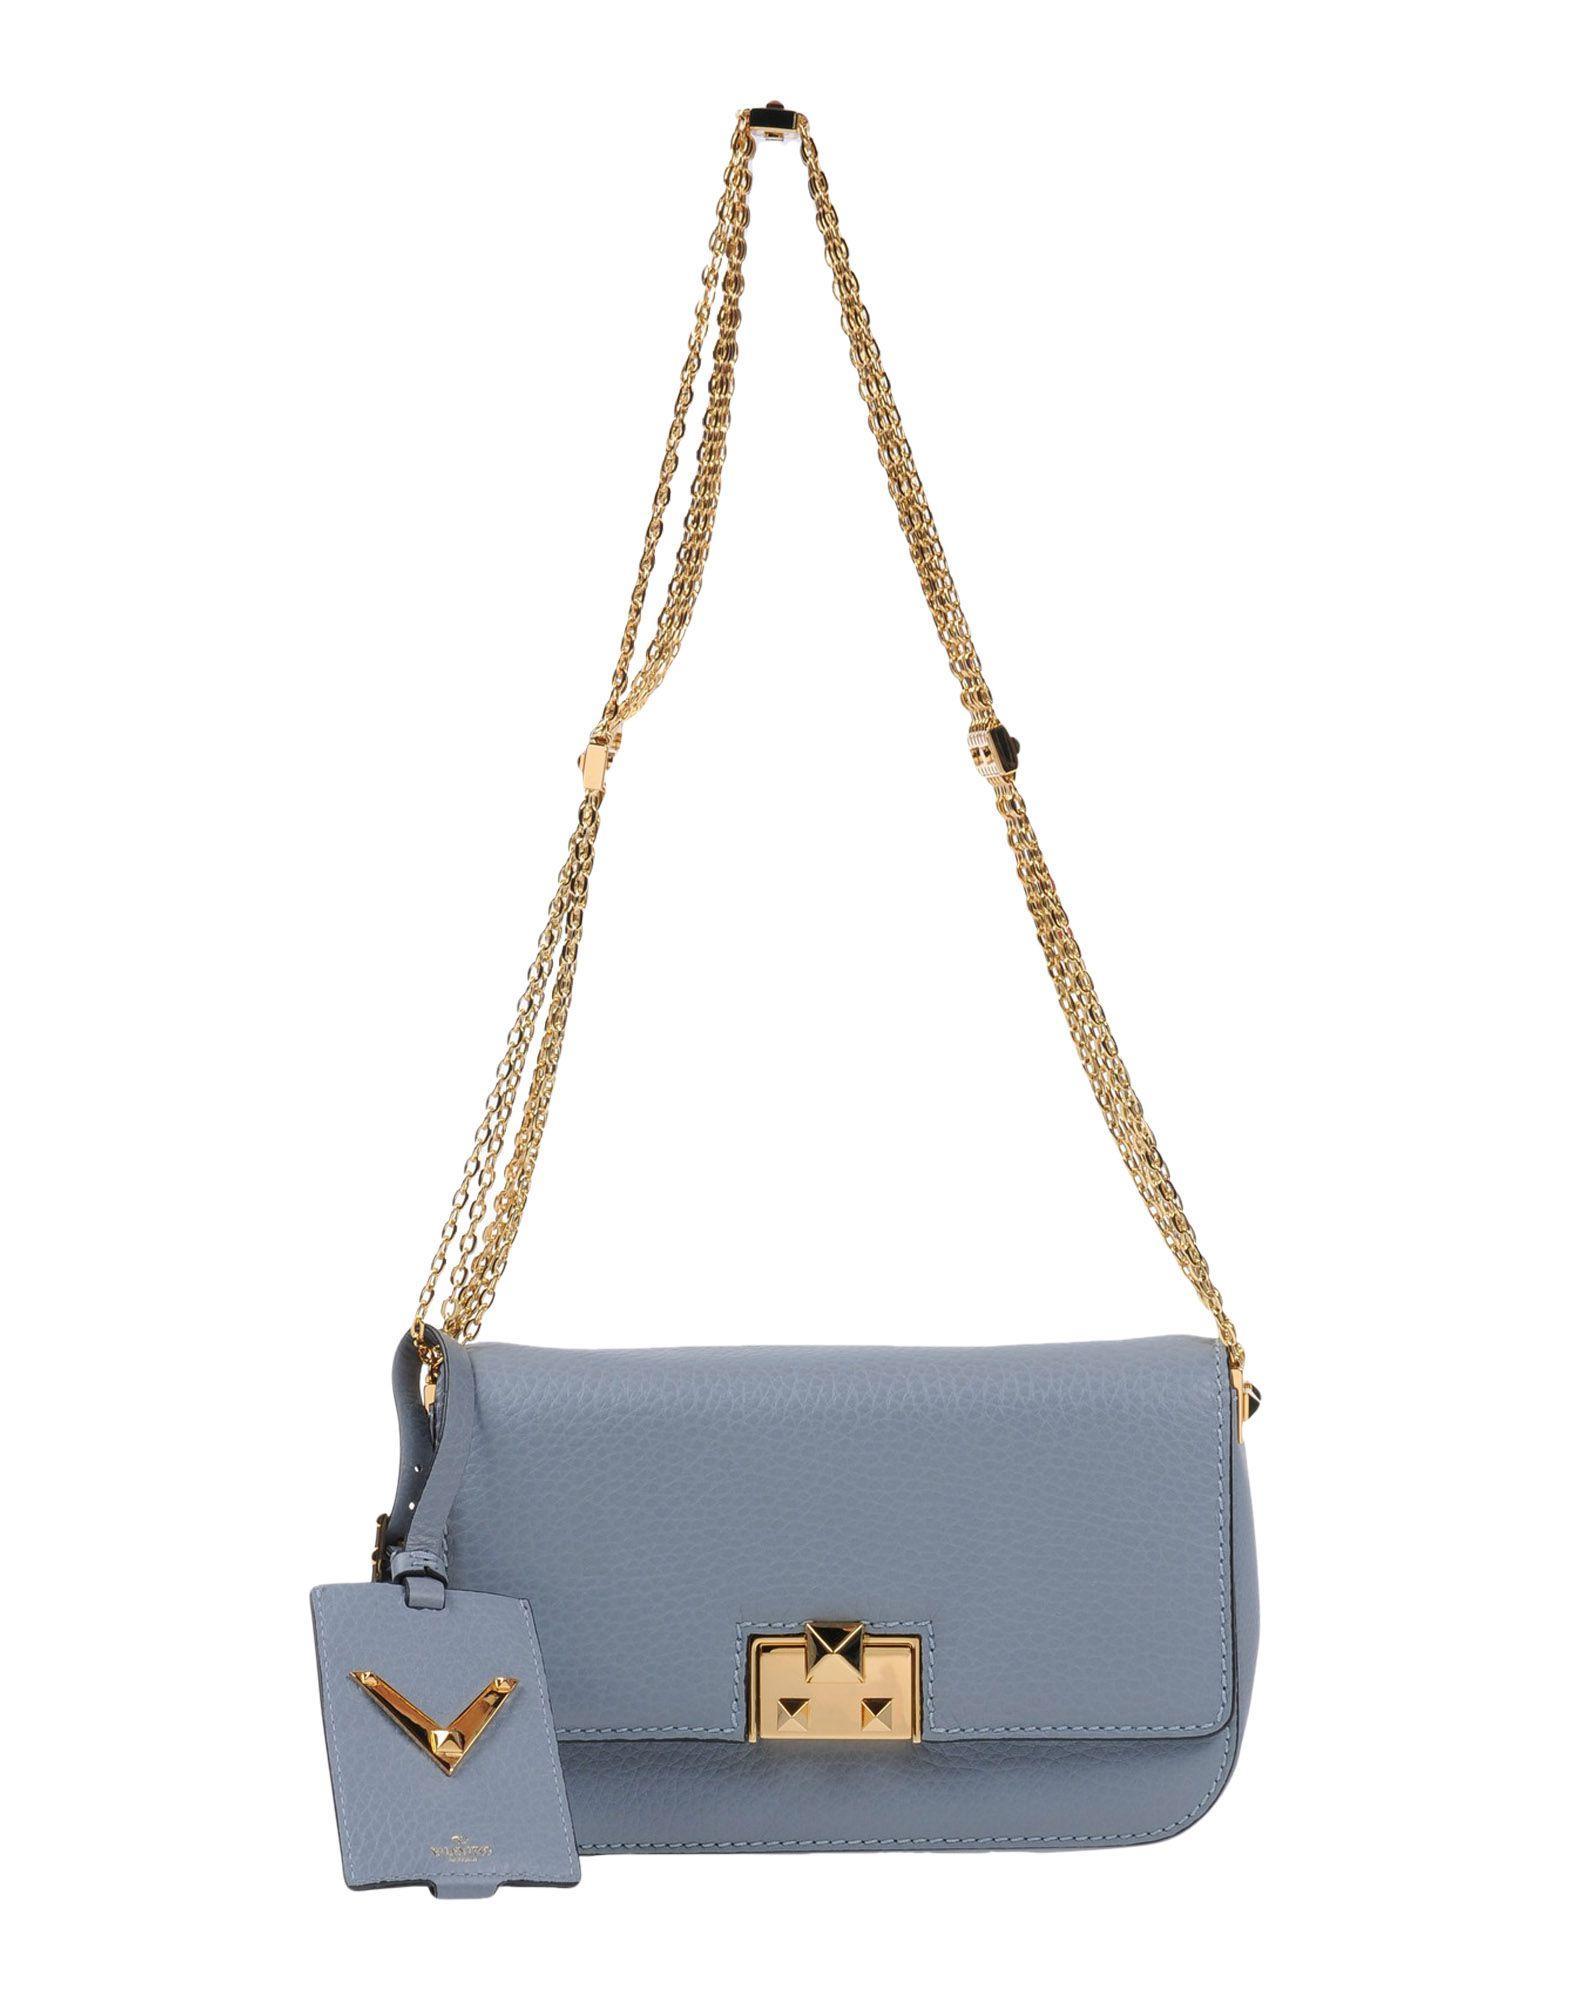 Valentino Handbags In Grey